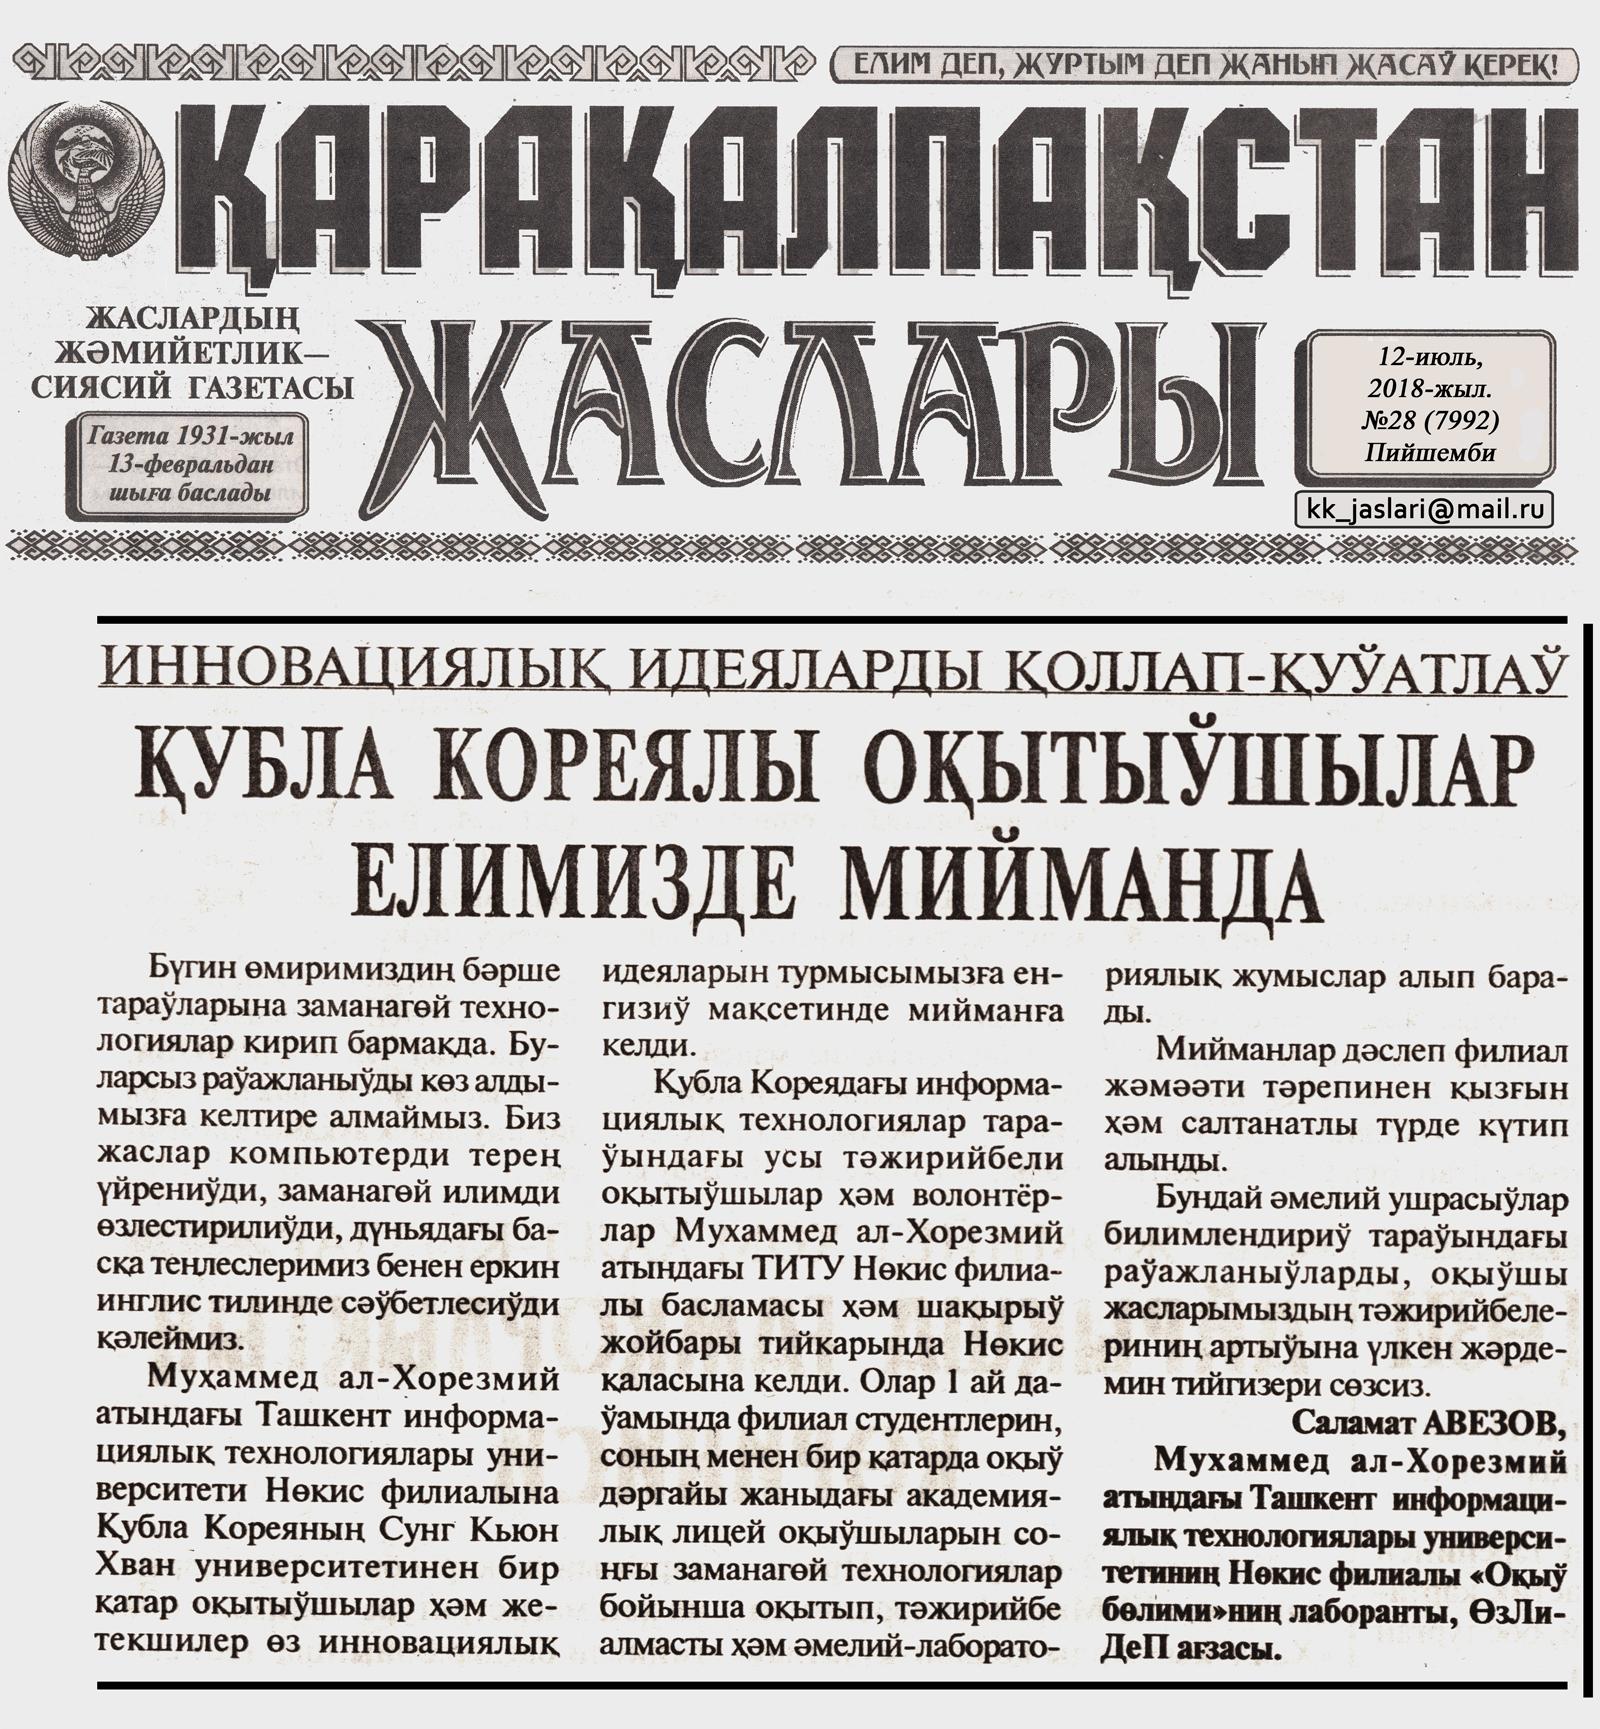 «Қарақалпақстан жаслары» газетасы 12-июль, 2018-жыл. №28 (7992)